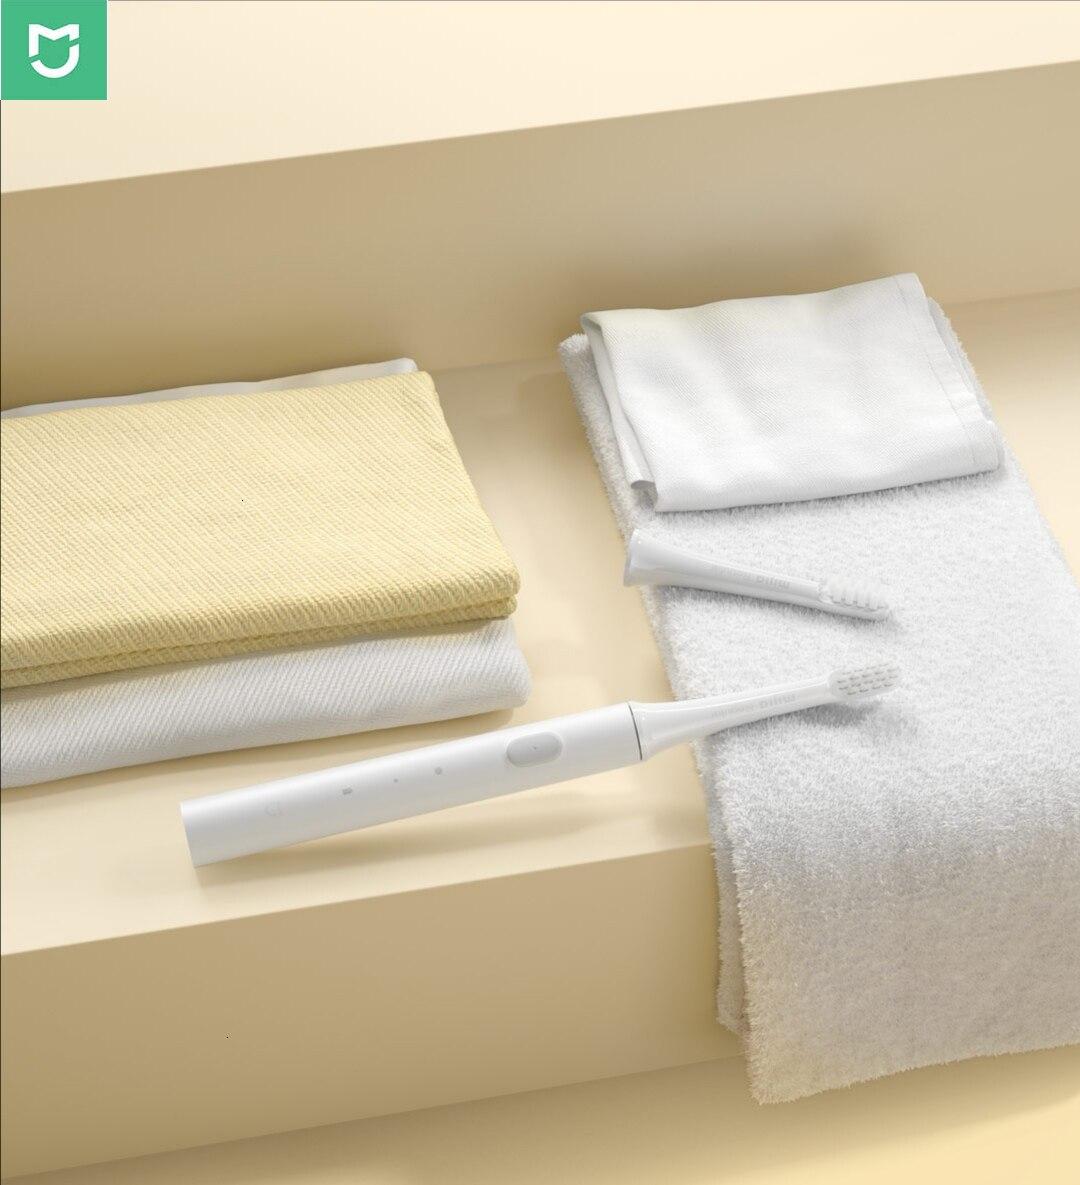 46g Original Xiao mi mi jia T100 mi brosse à dents électrique intelligente à deux vitesses Mode de nettoyage 30 jours dernière Machine Xio mi mi brosse à dents à domicile